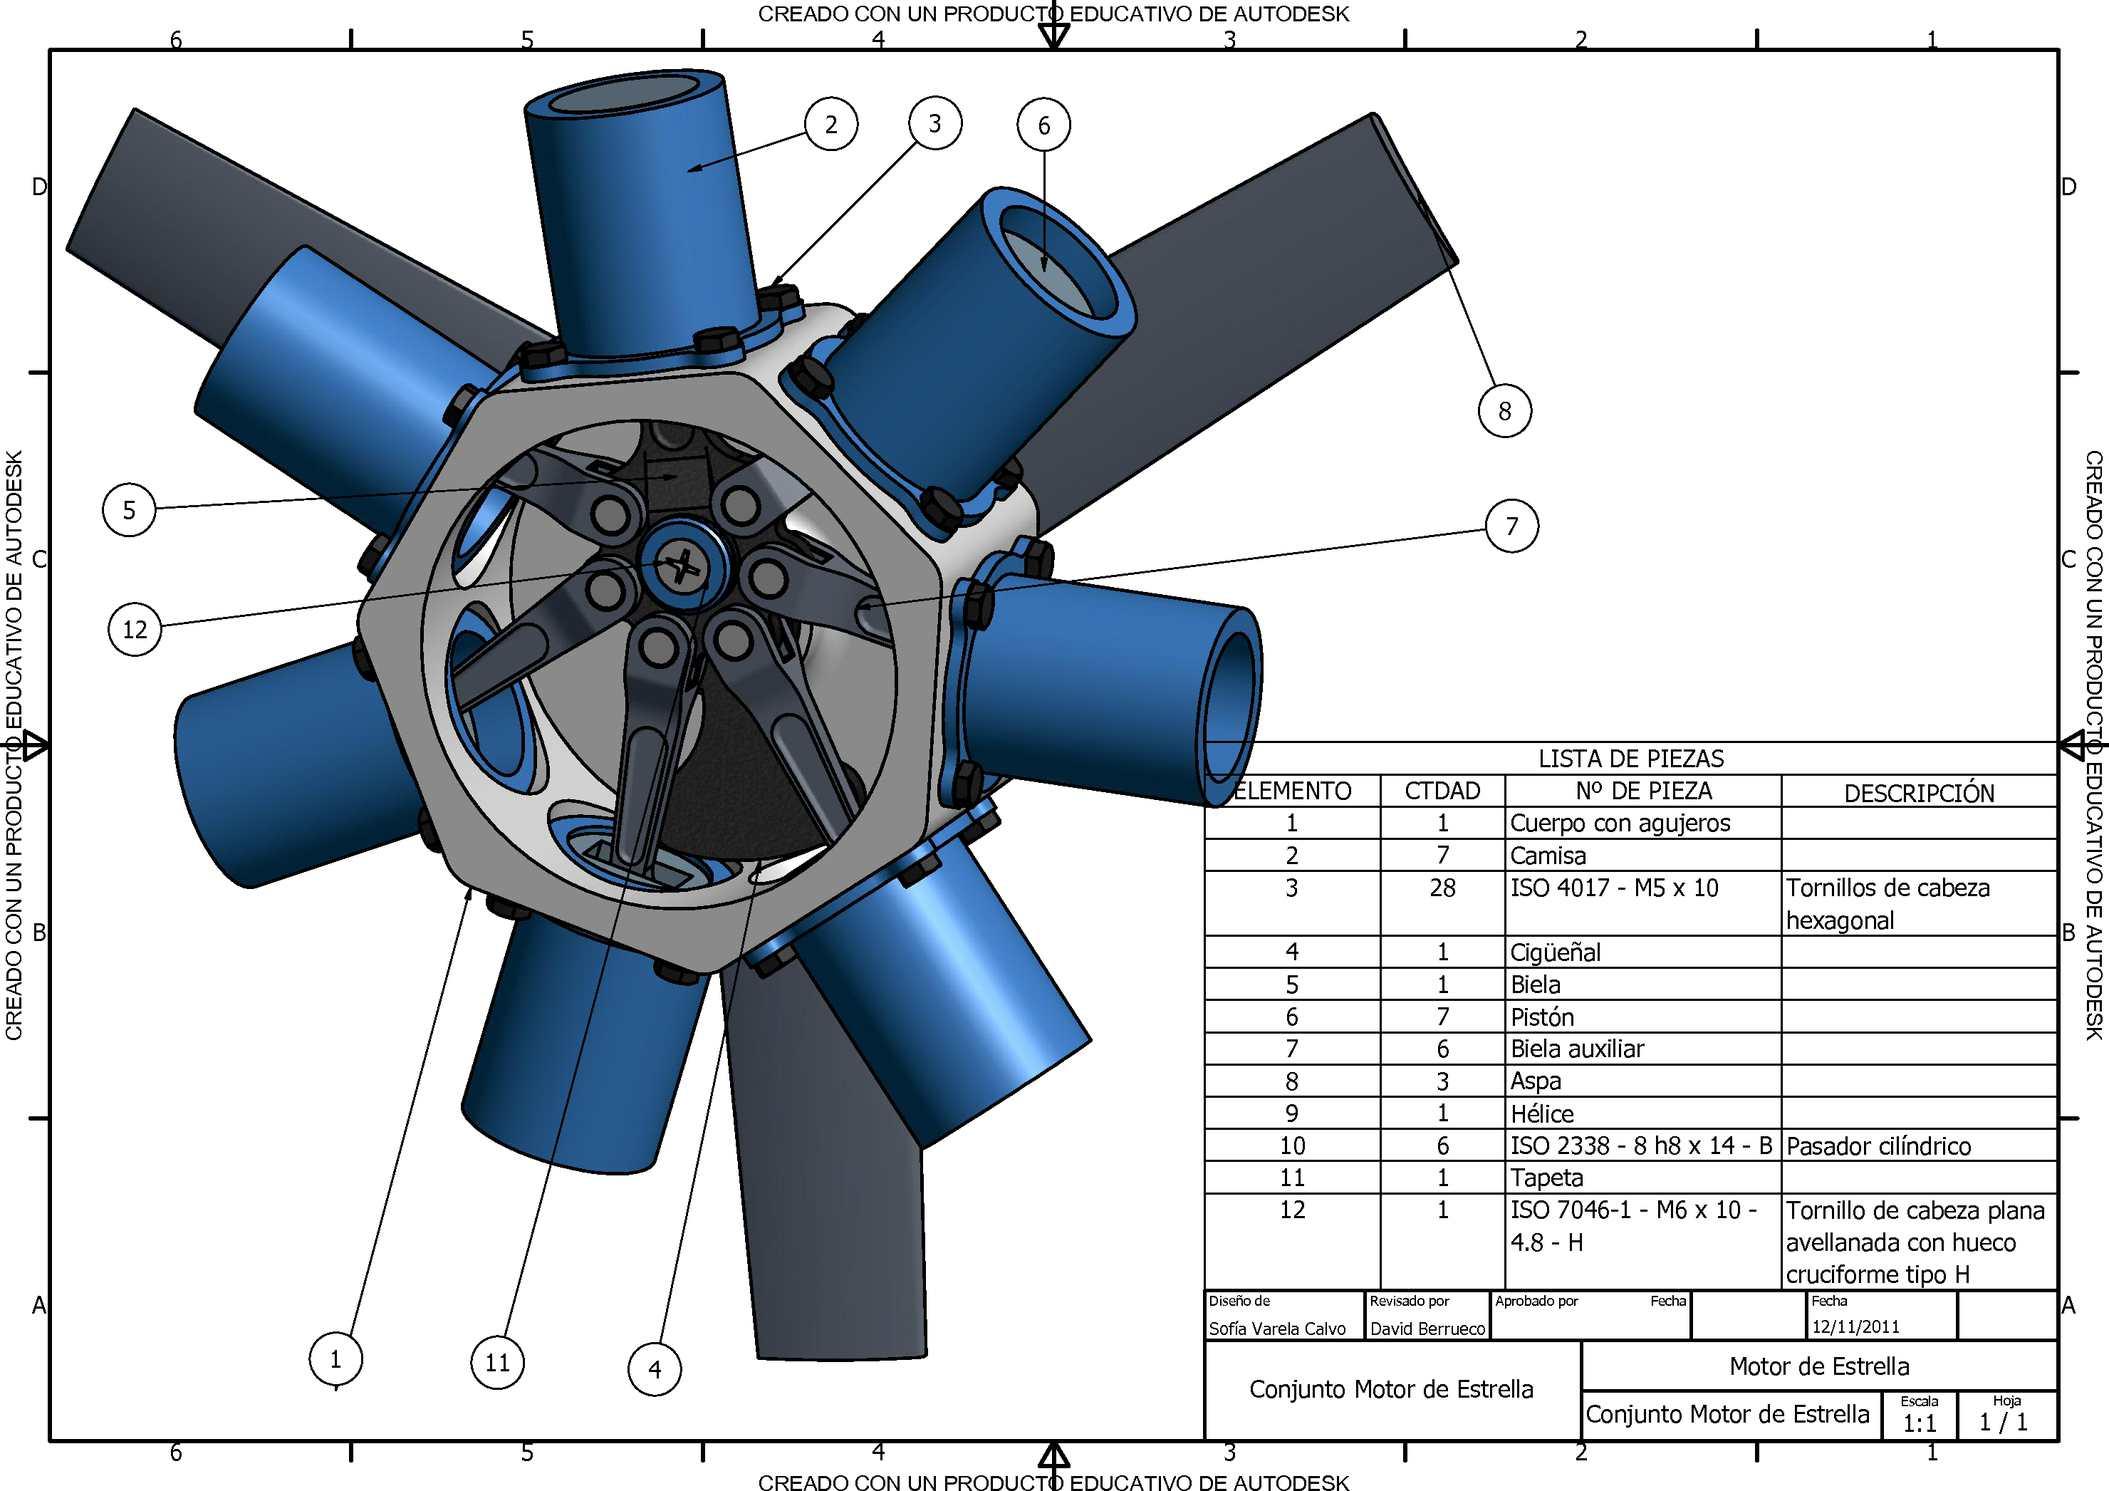 Motor de Estrella